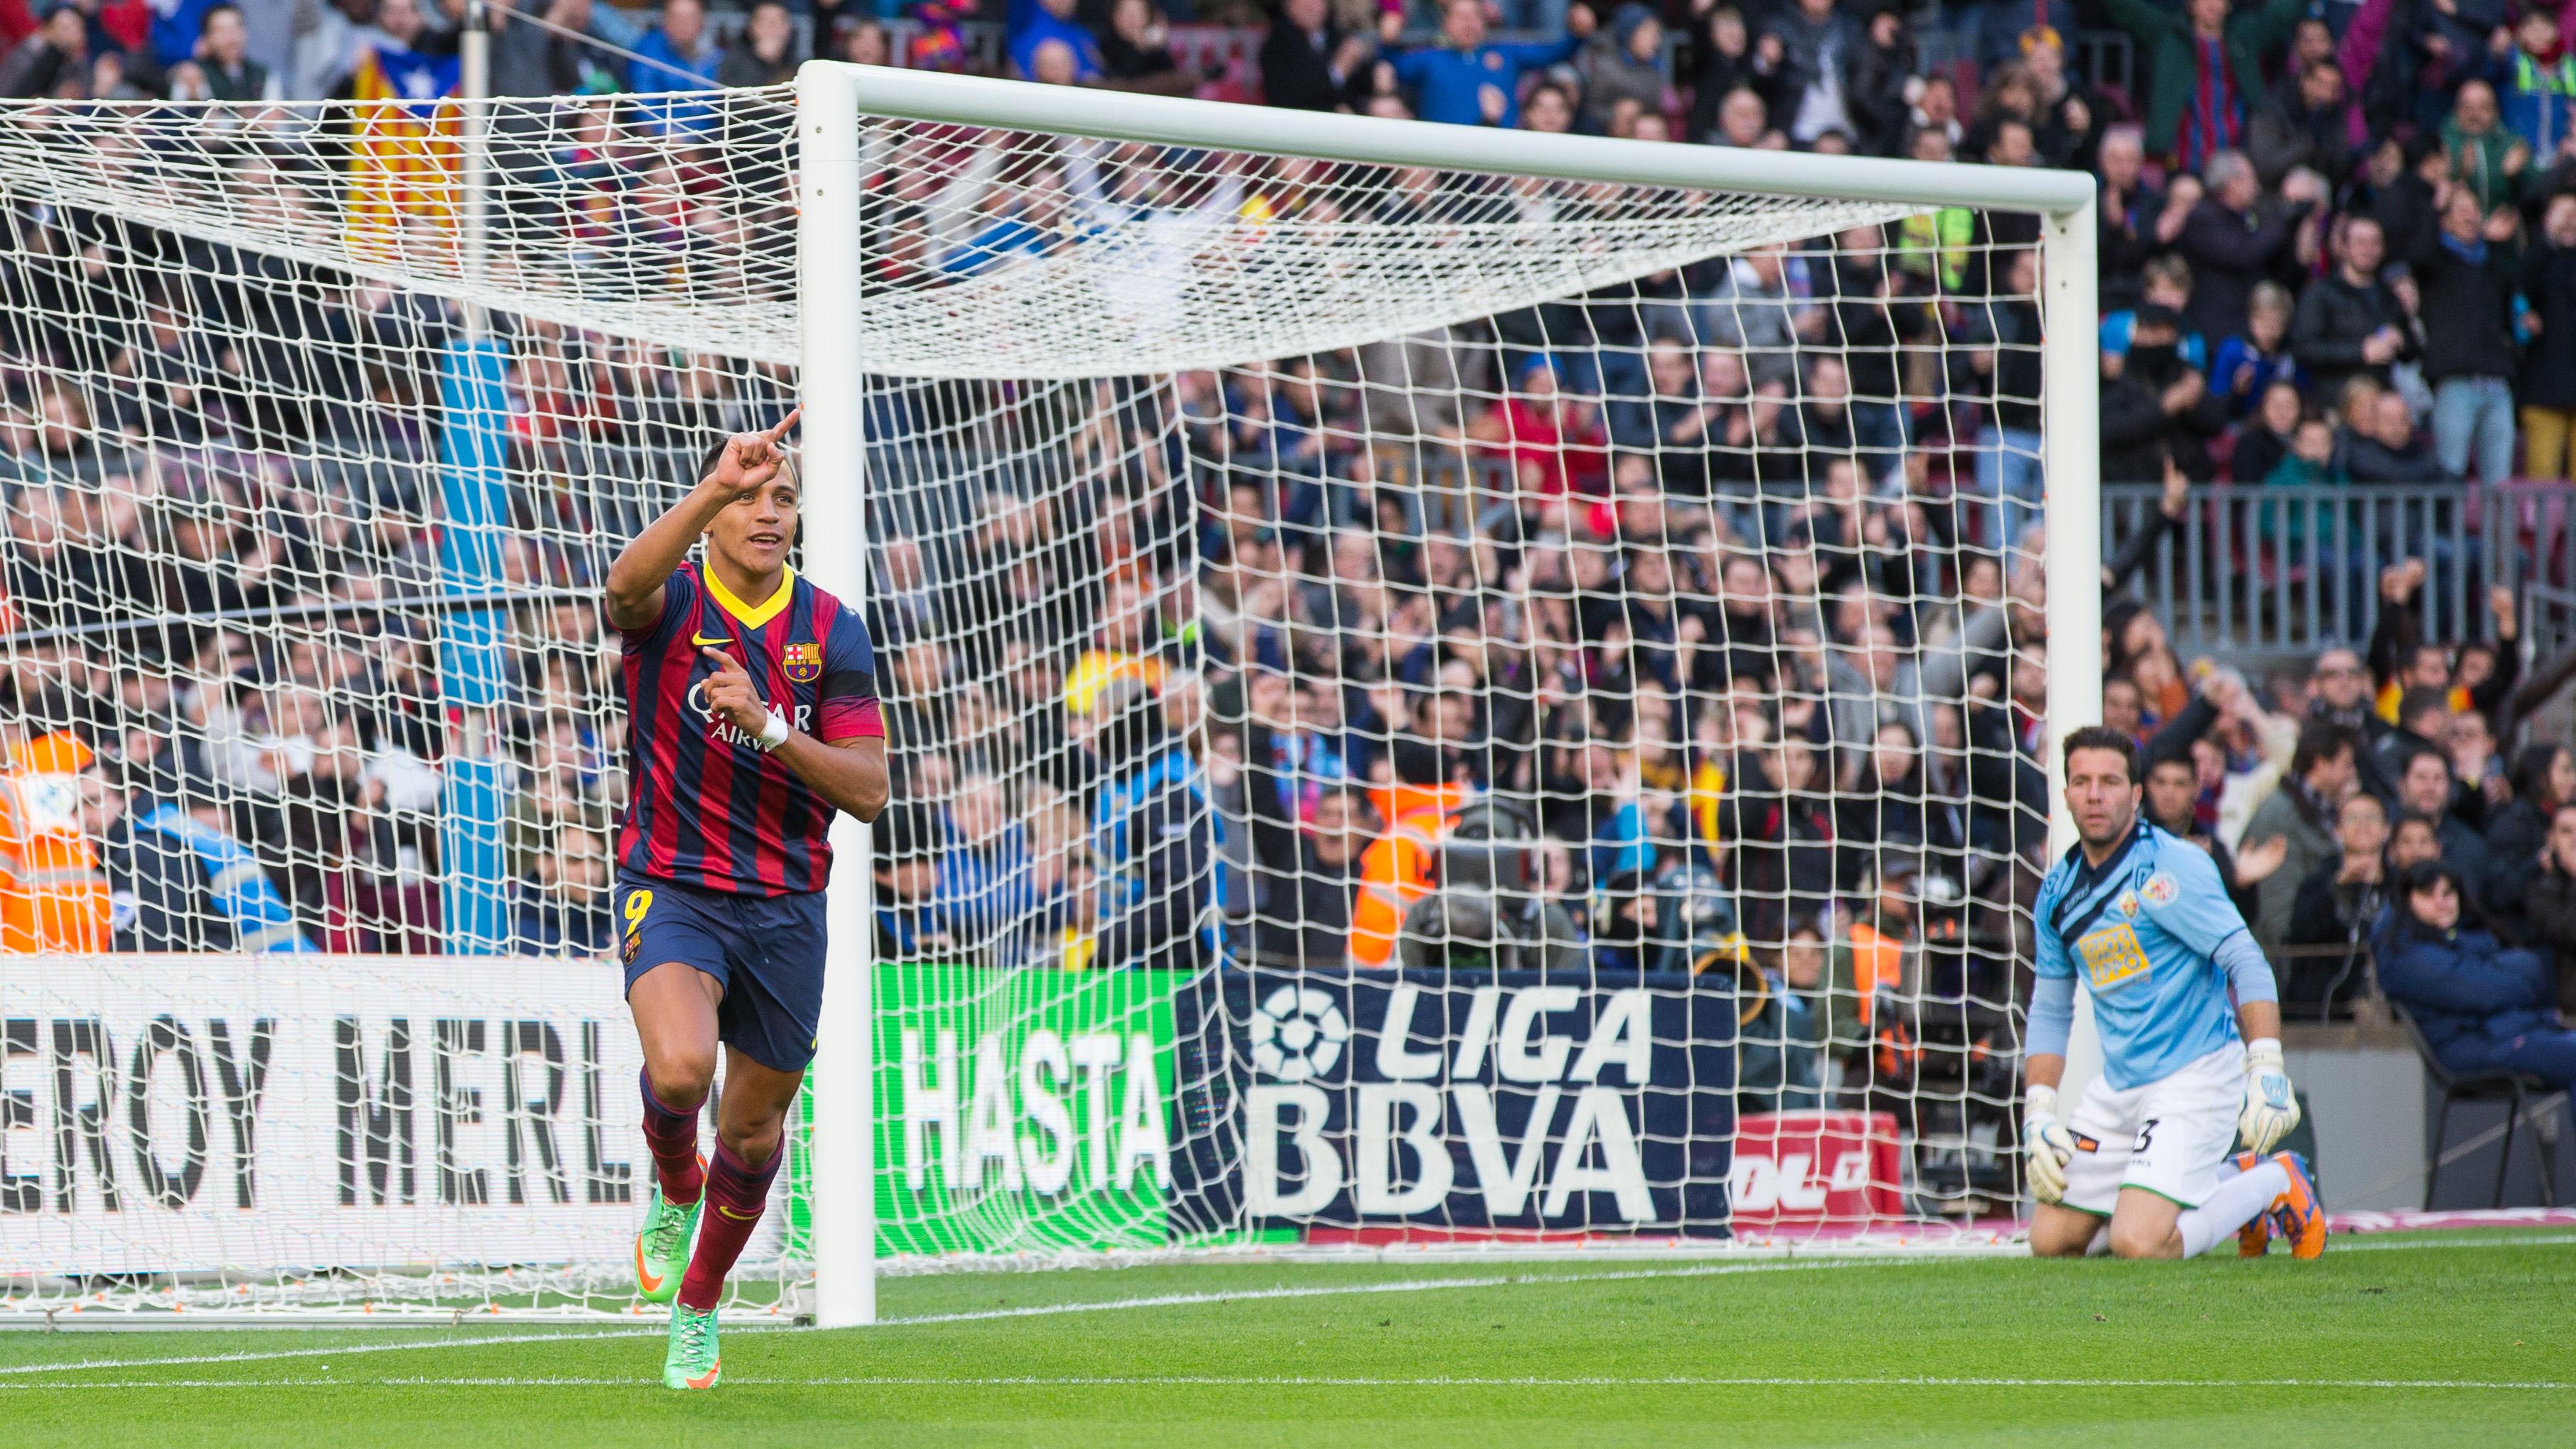 barcelona vs elche - photo #37